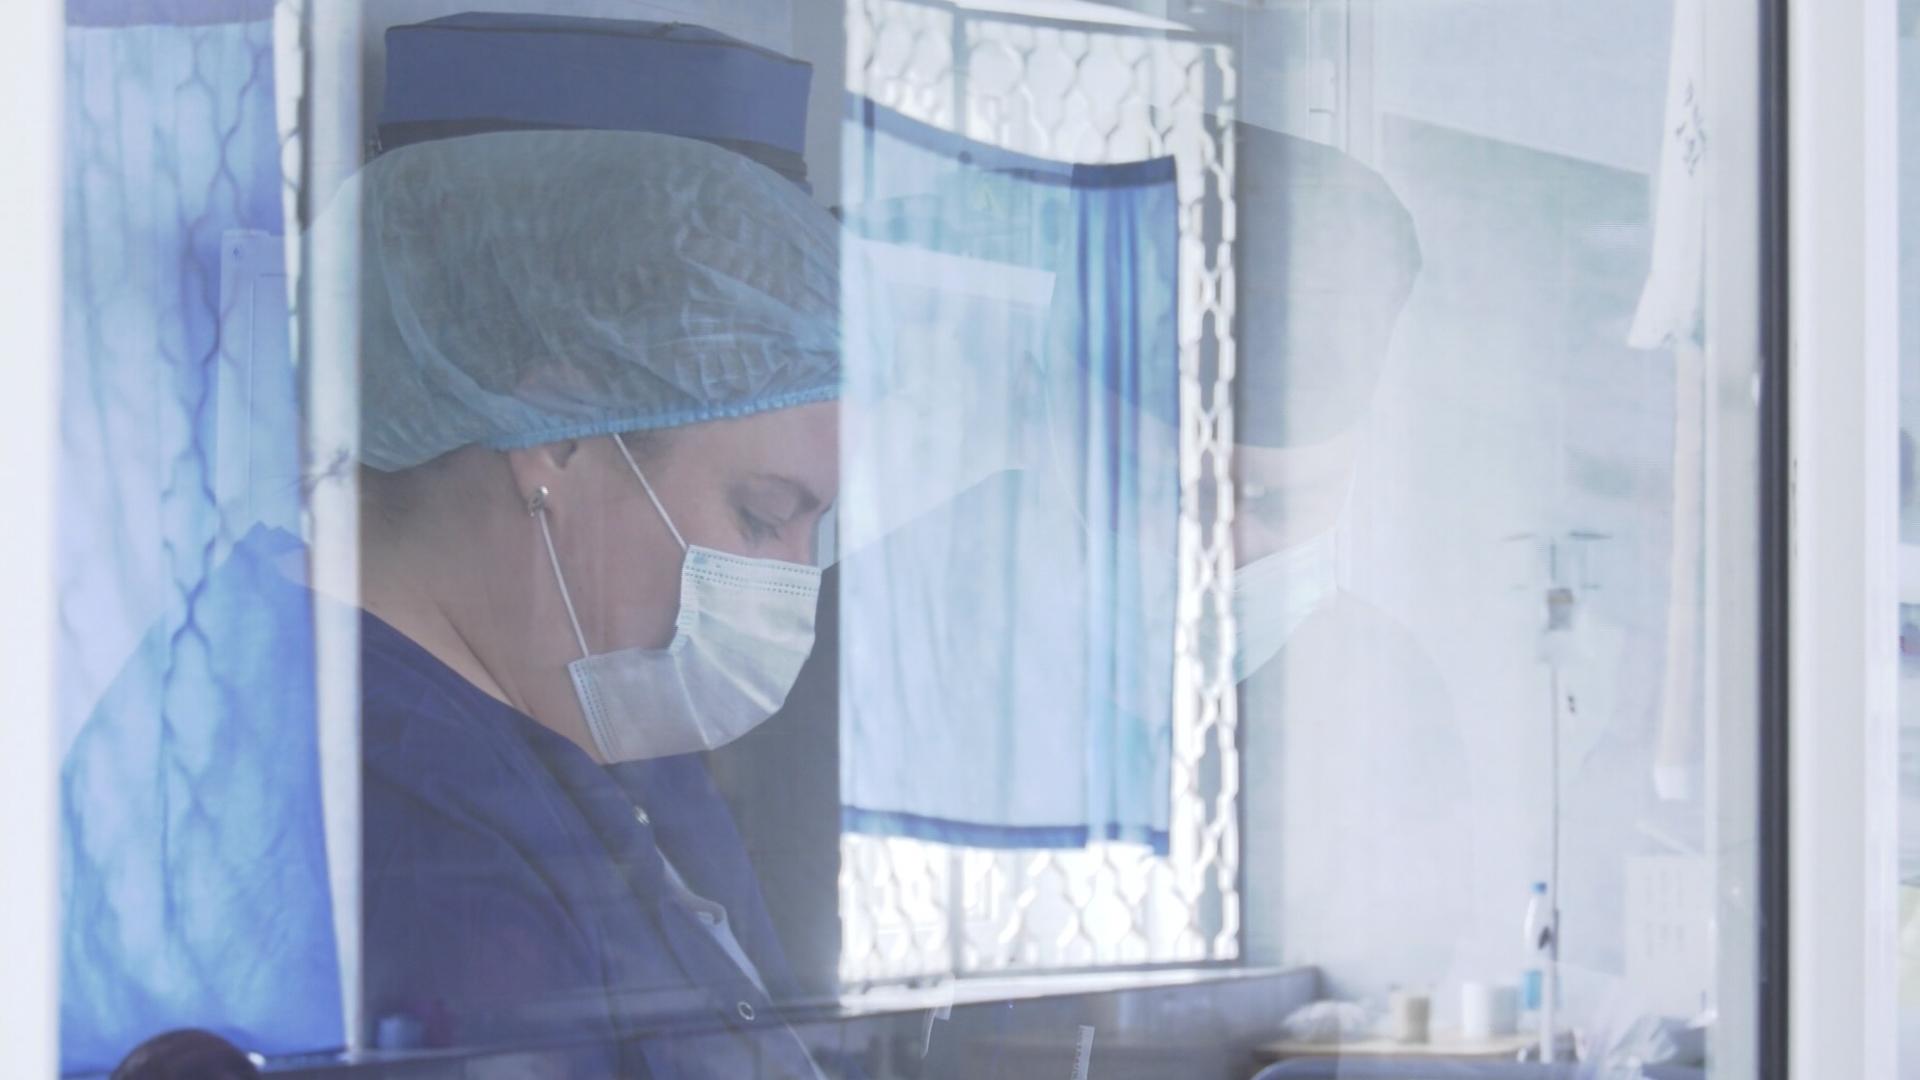 korona - Больница скорой помощи в Витебске становится госпиталем для ковид-пациентов (видео)